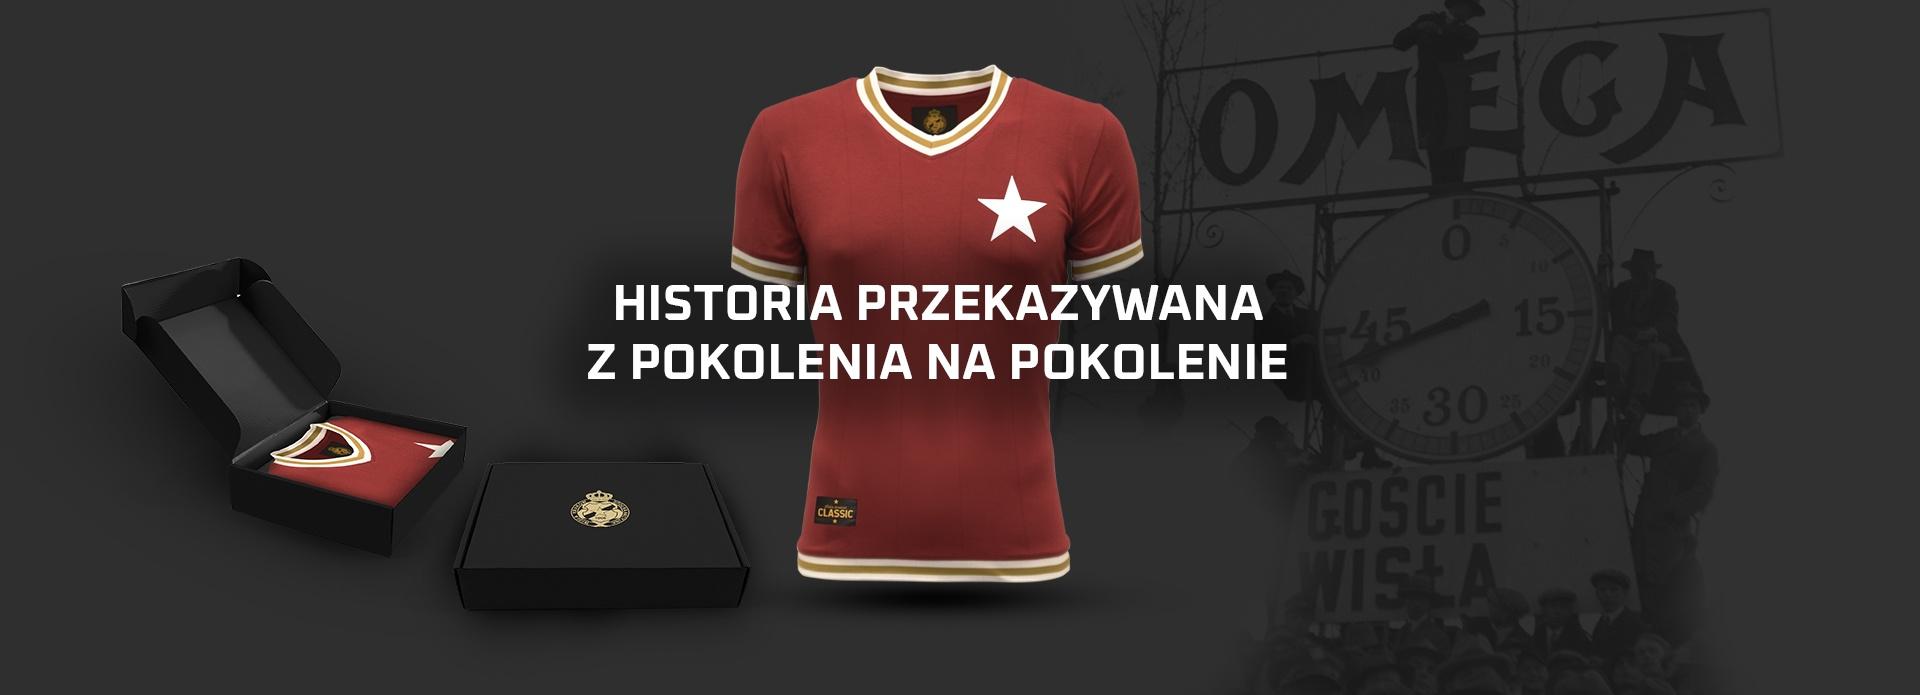 Oficjalny sklep internetowy klubu Wisła Kraków S.A.